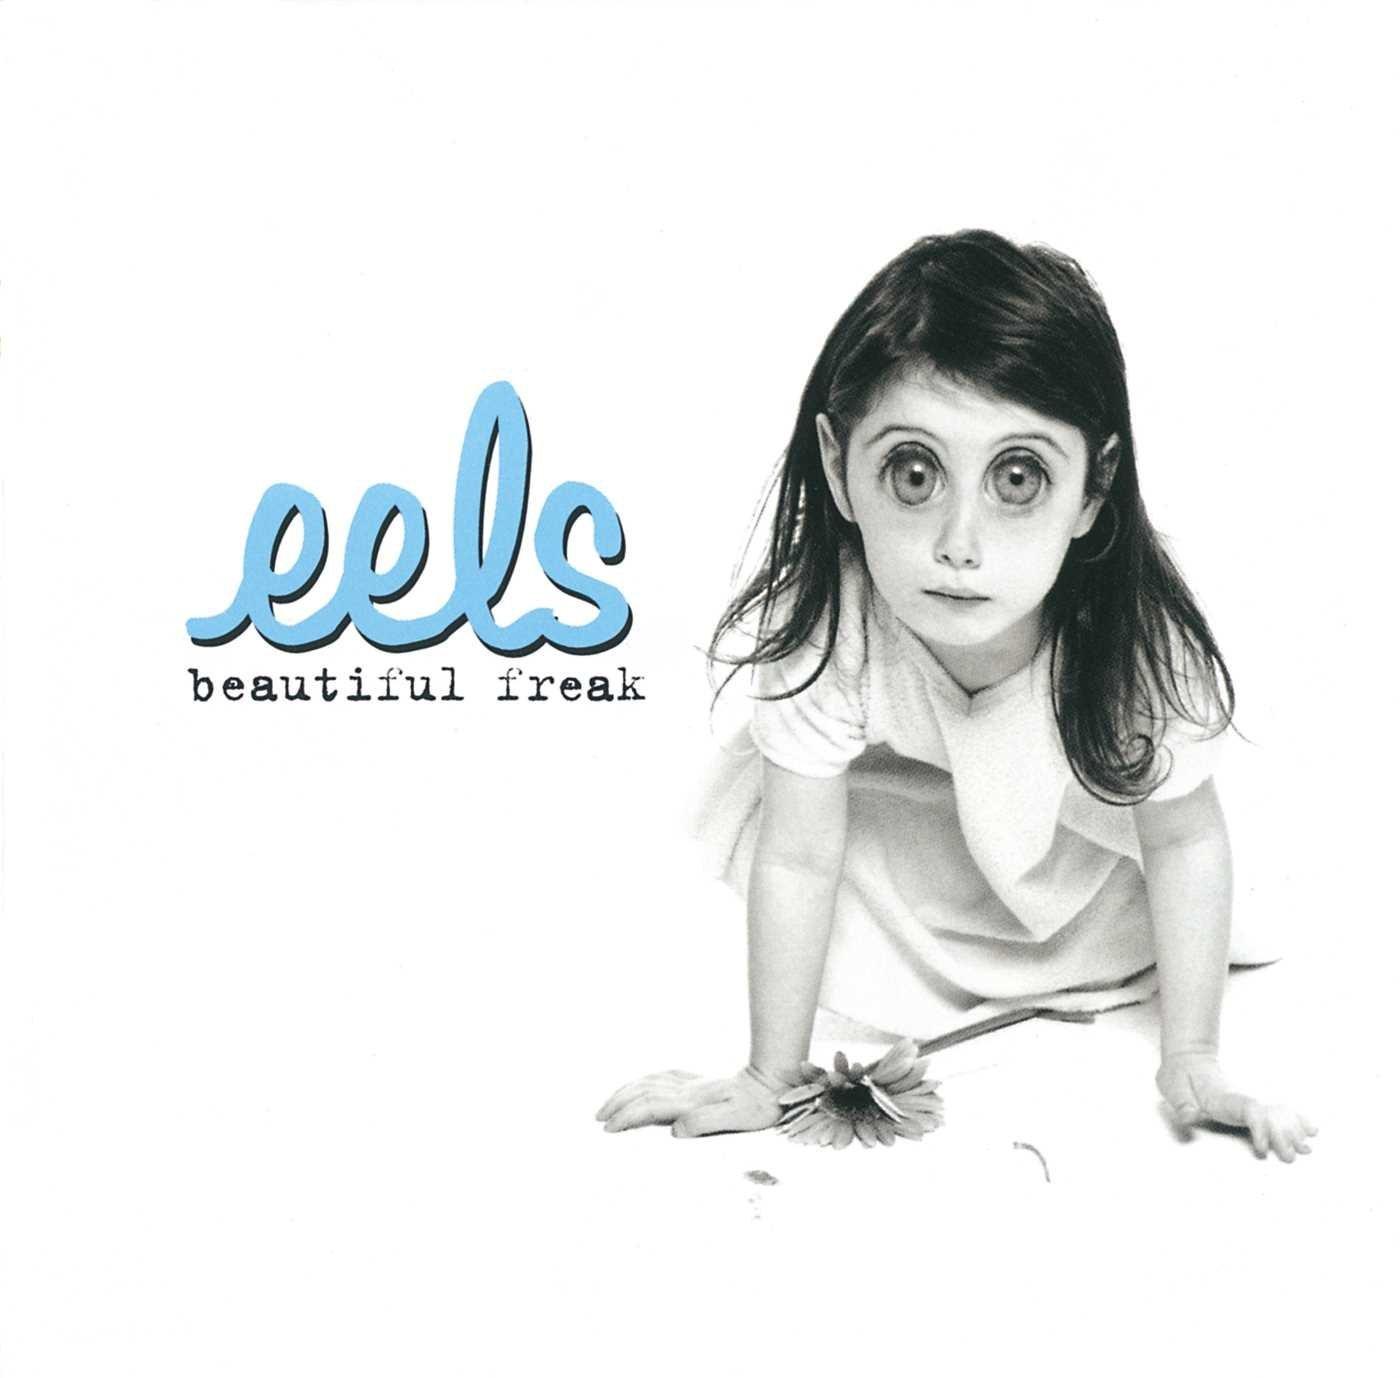 """Eels - """"Beautiful Freak"""""""